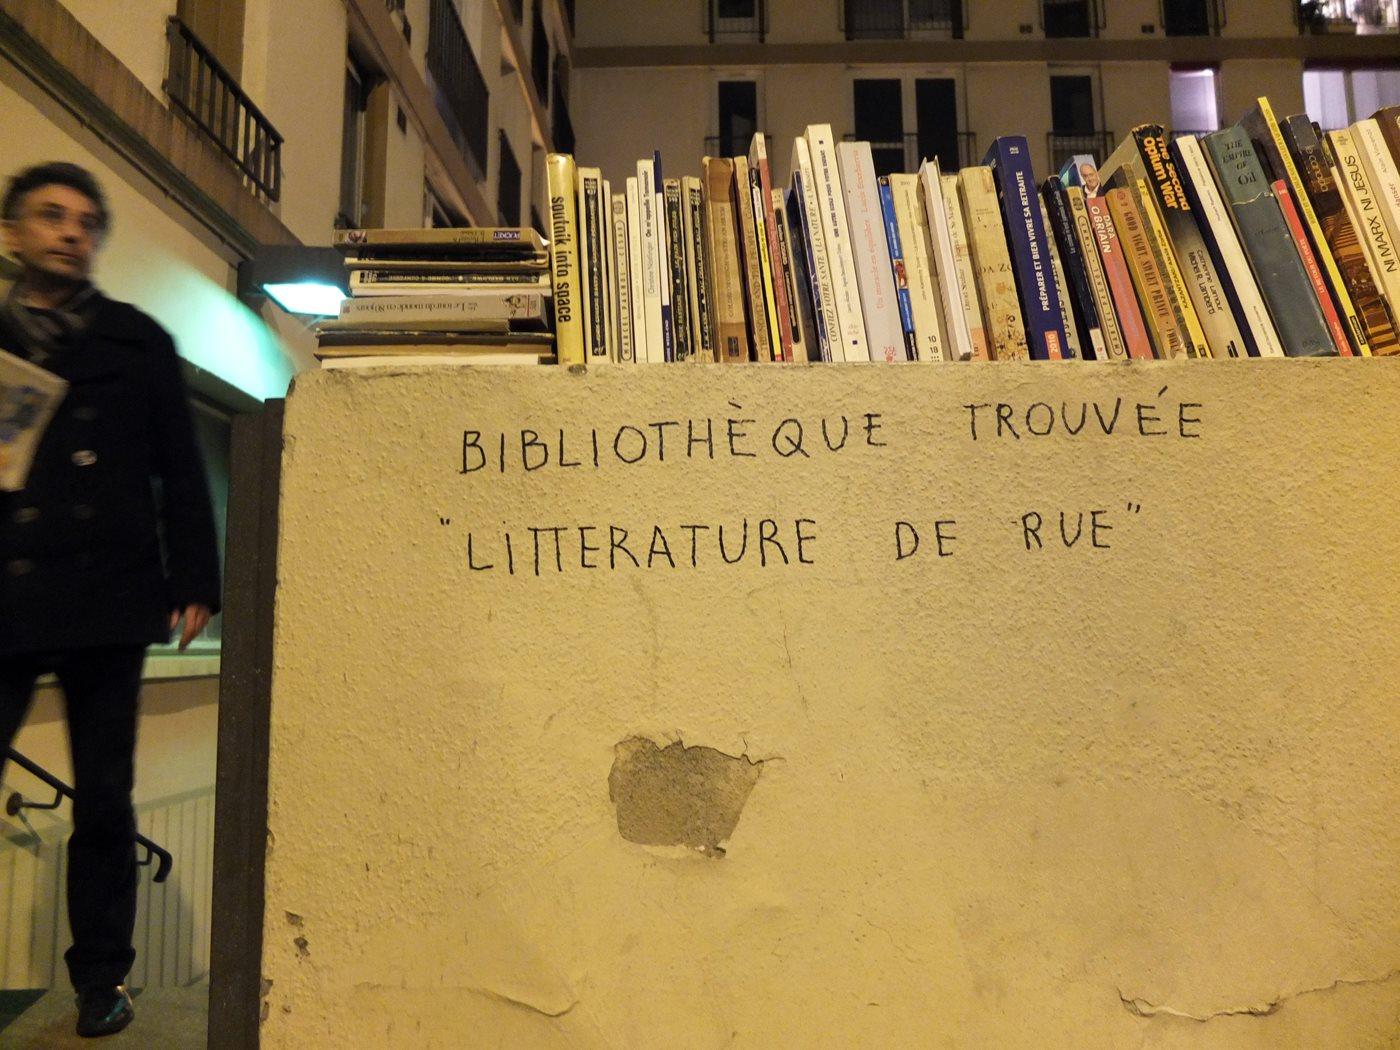 Bibliothèque trouvée